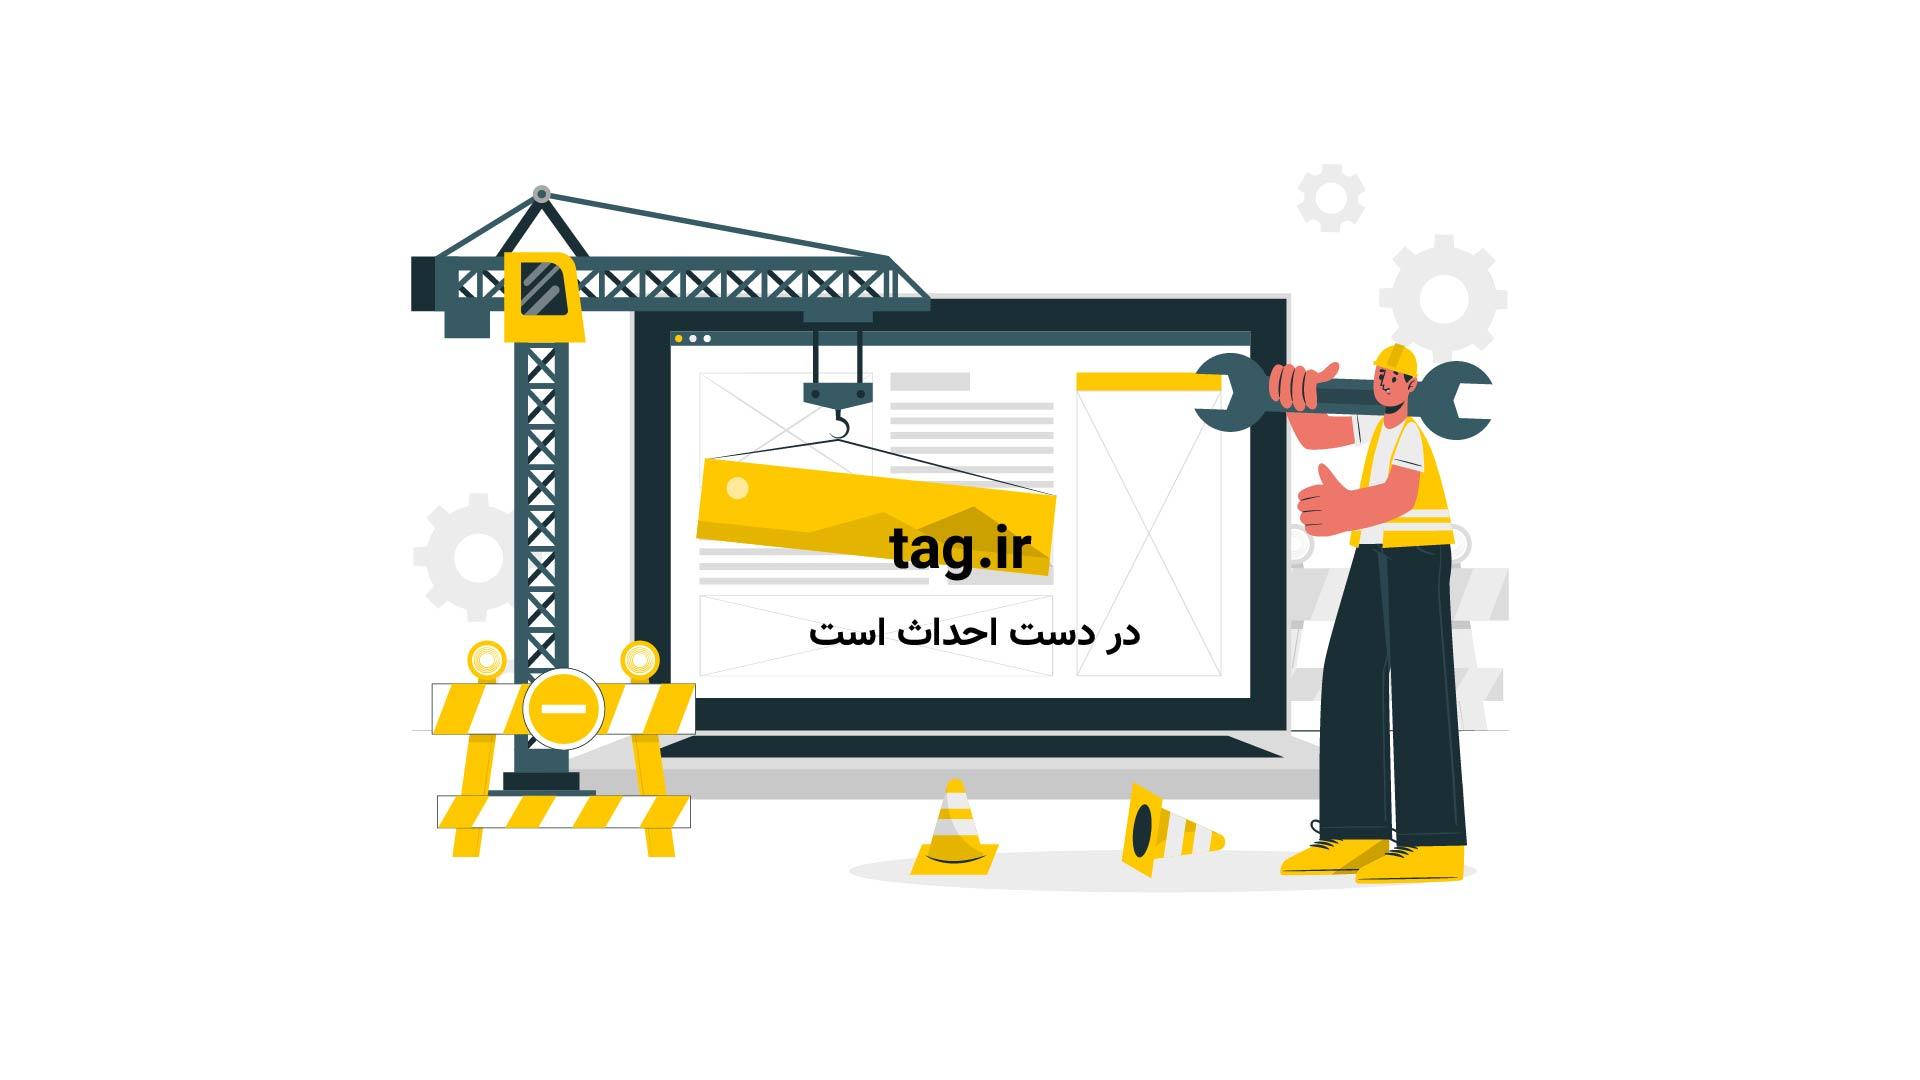 كمک ماهيگير به زايمان سفره ماهی | فیلم